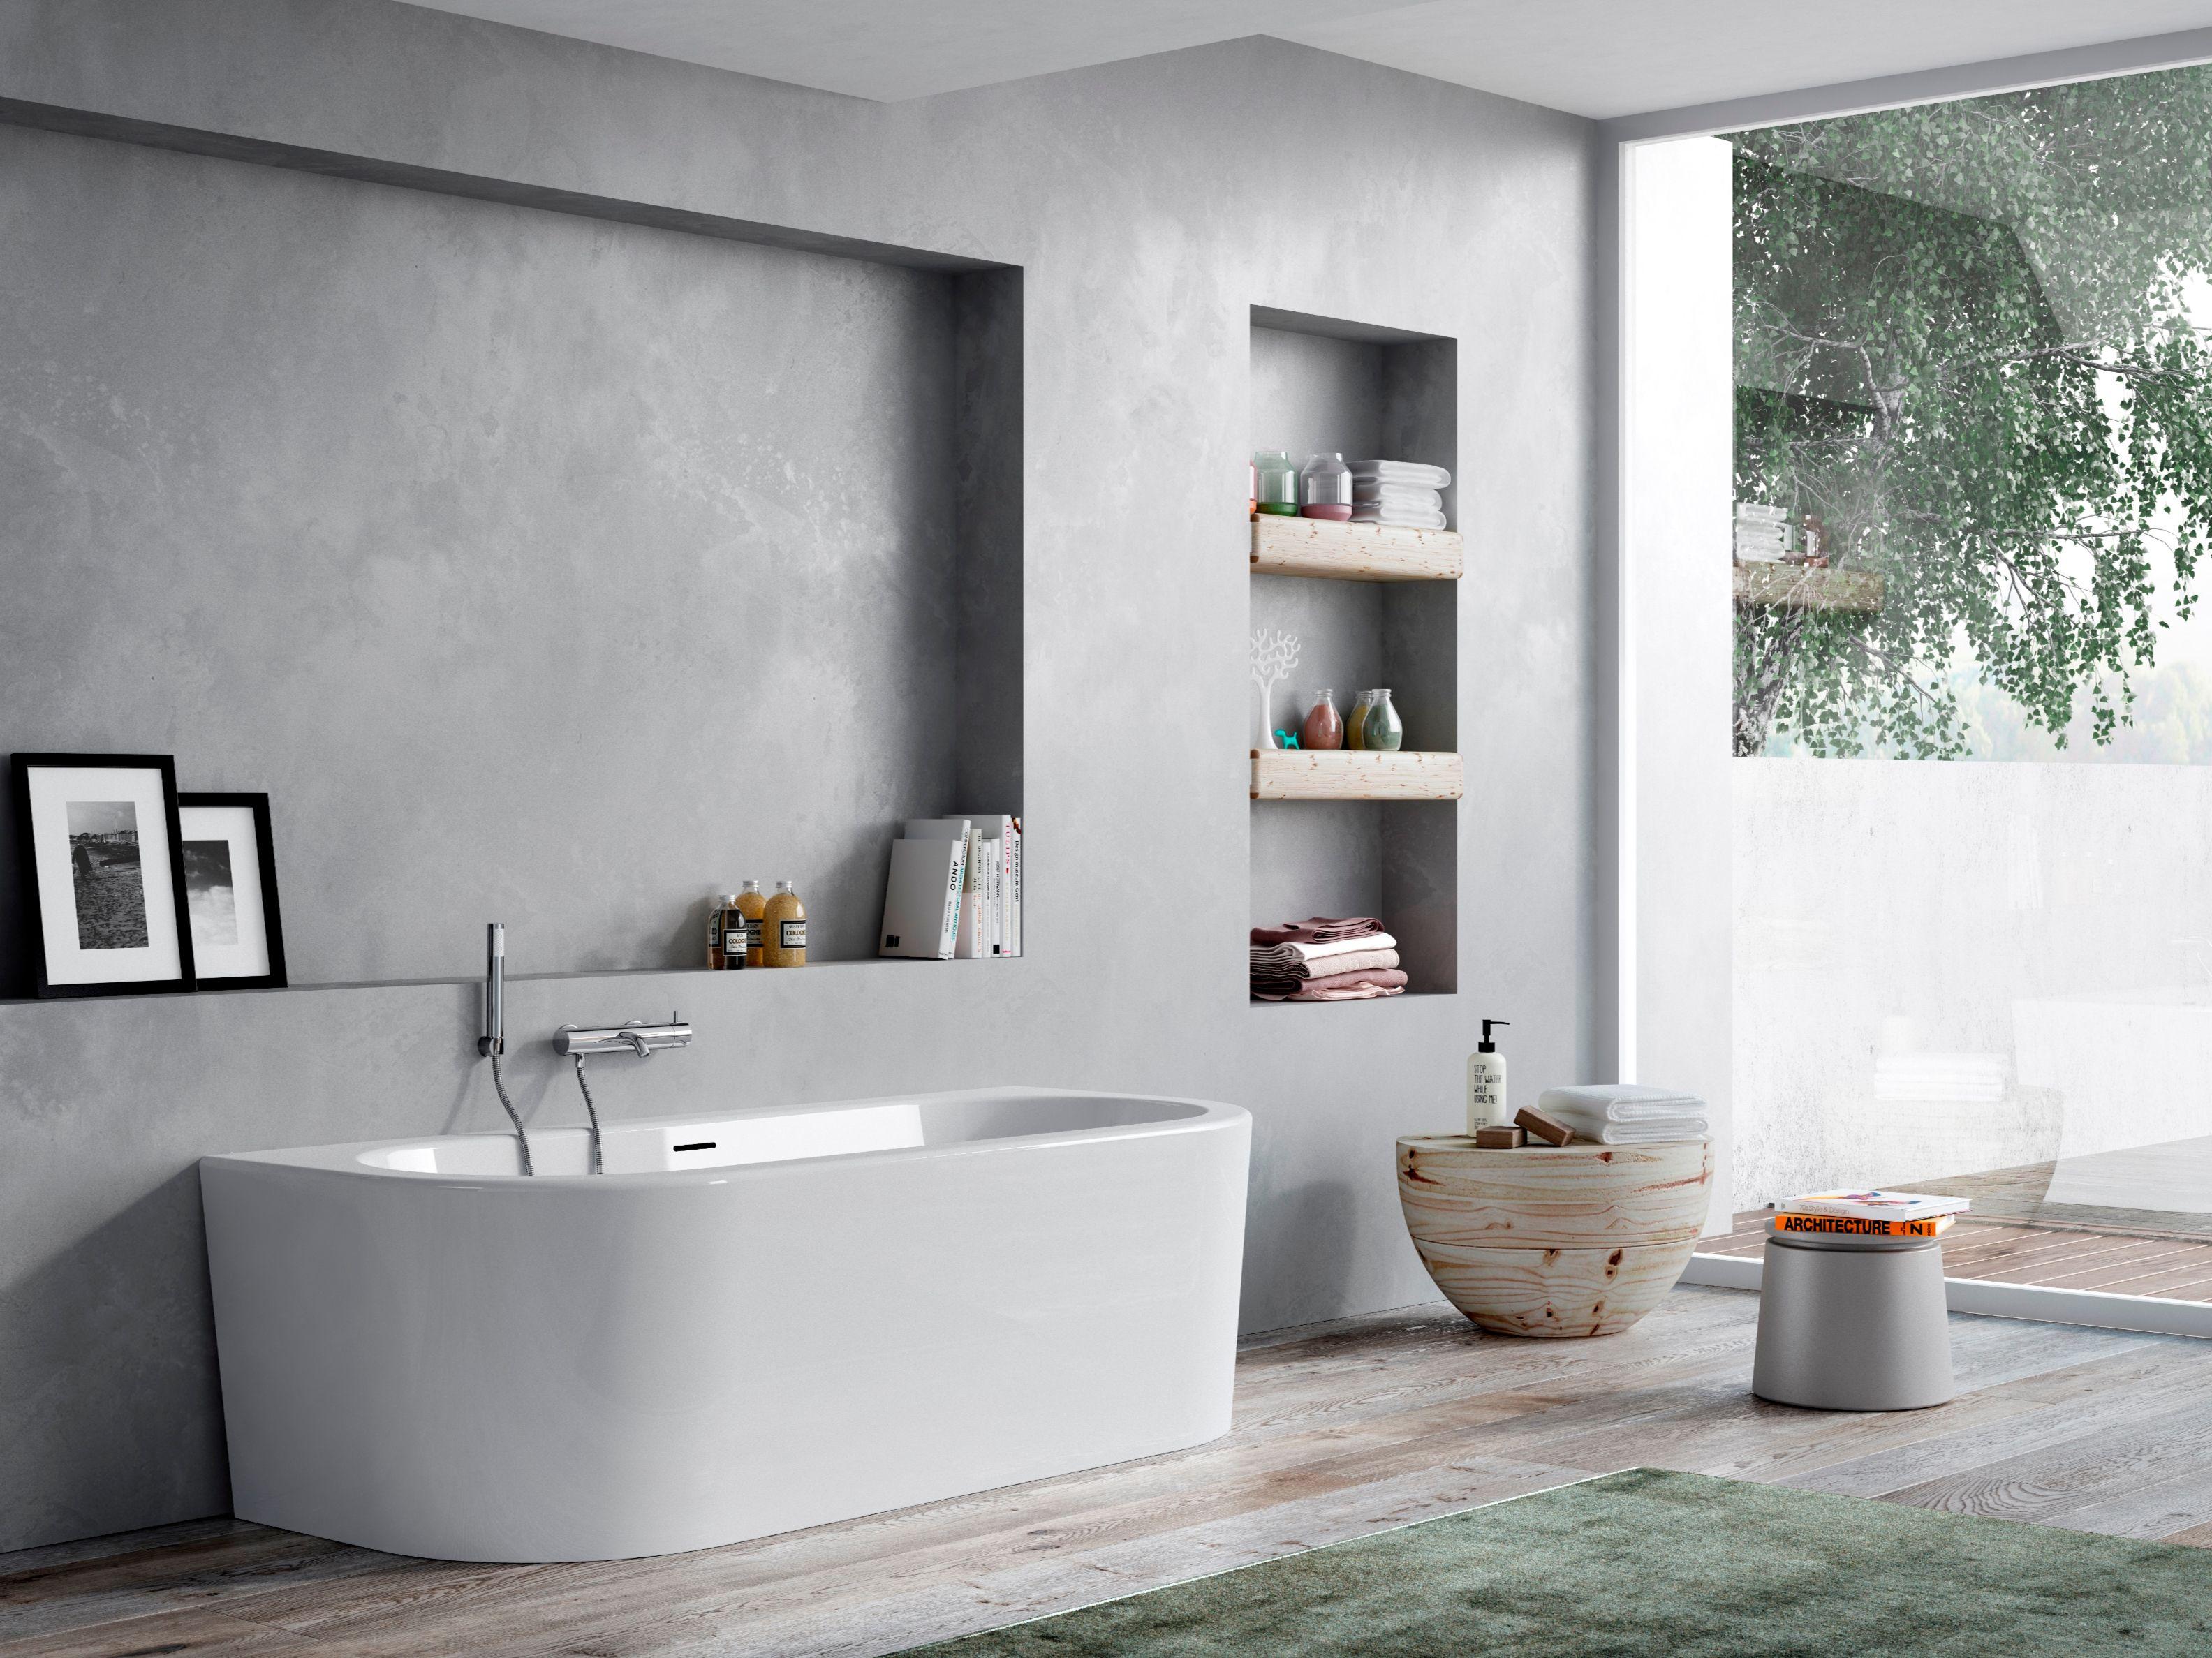 The essentials vasca da bagno collezione the essentials by - Parete vasca da bagno ...